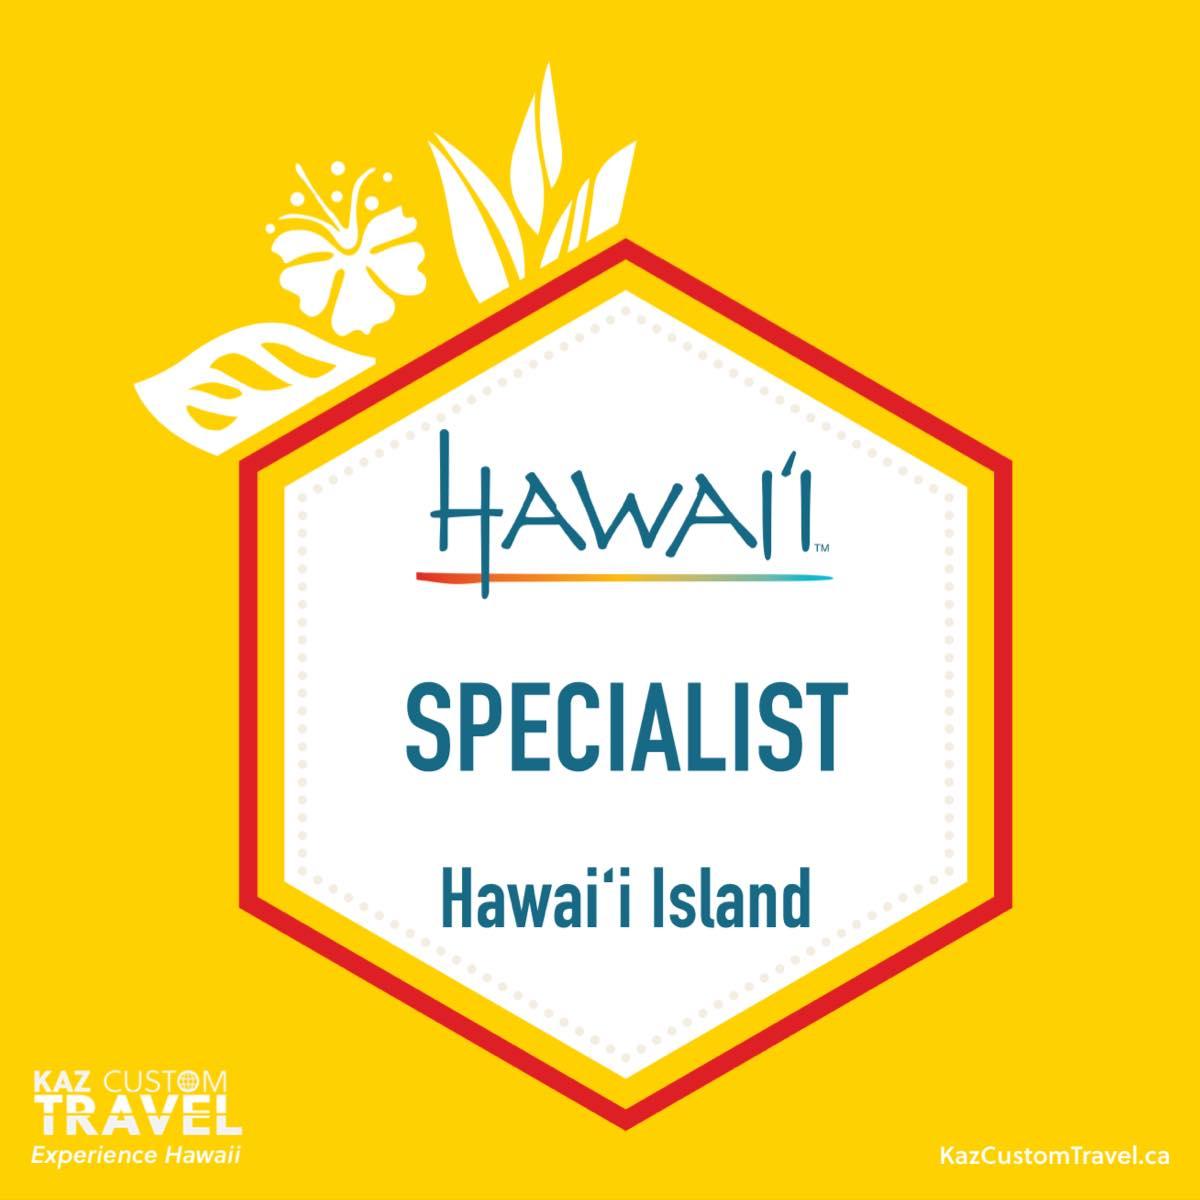 Hawaii Island Specialist Badge